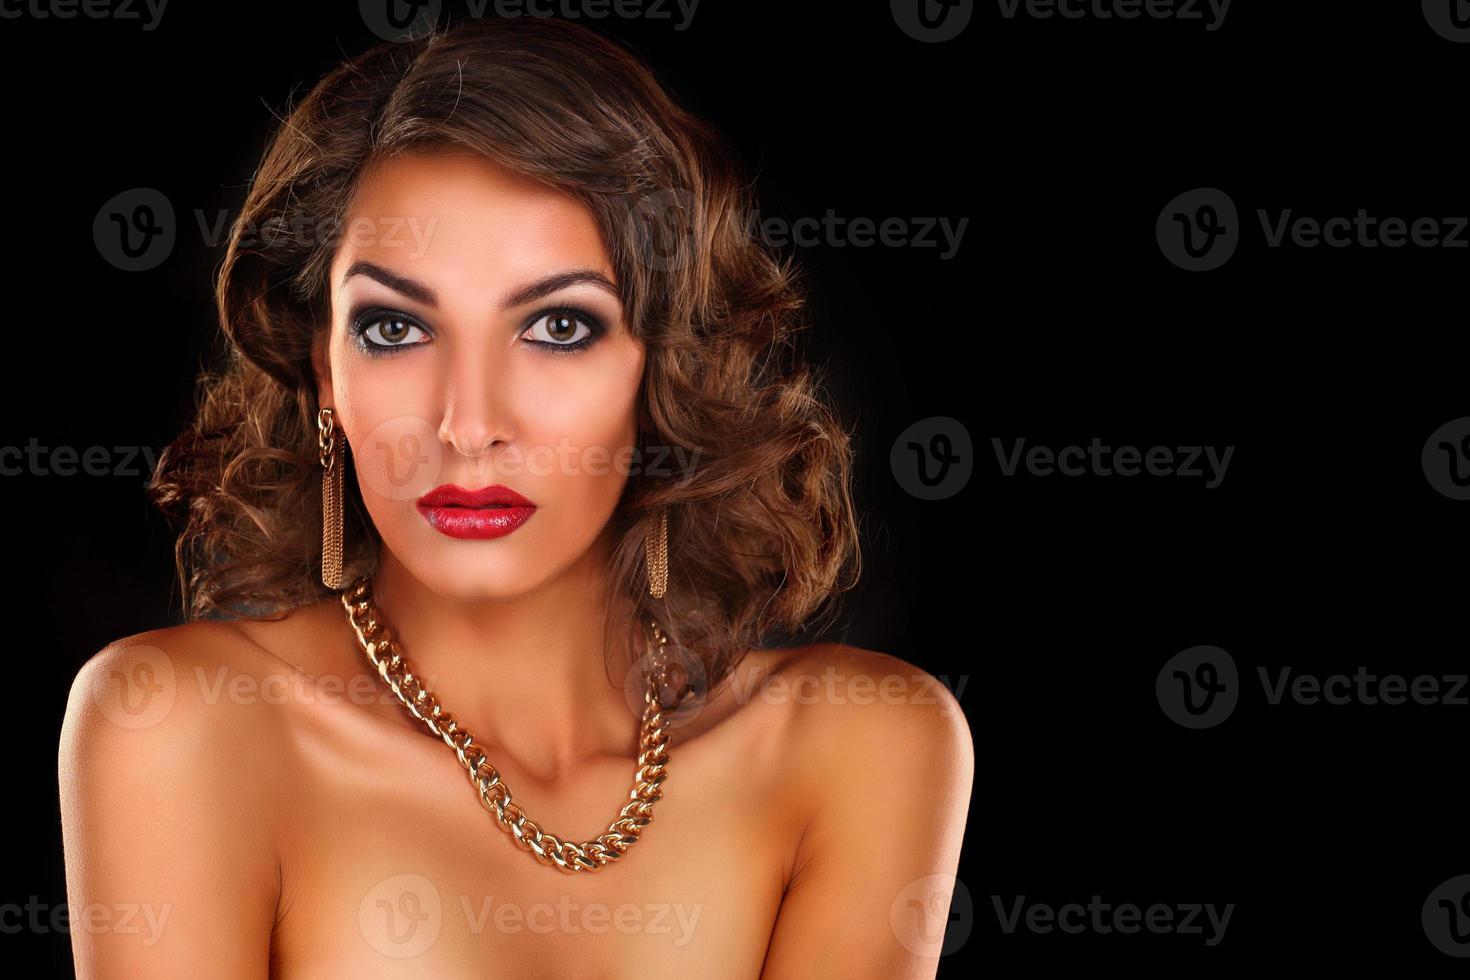 mulher morena linda luxuosa foto